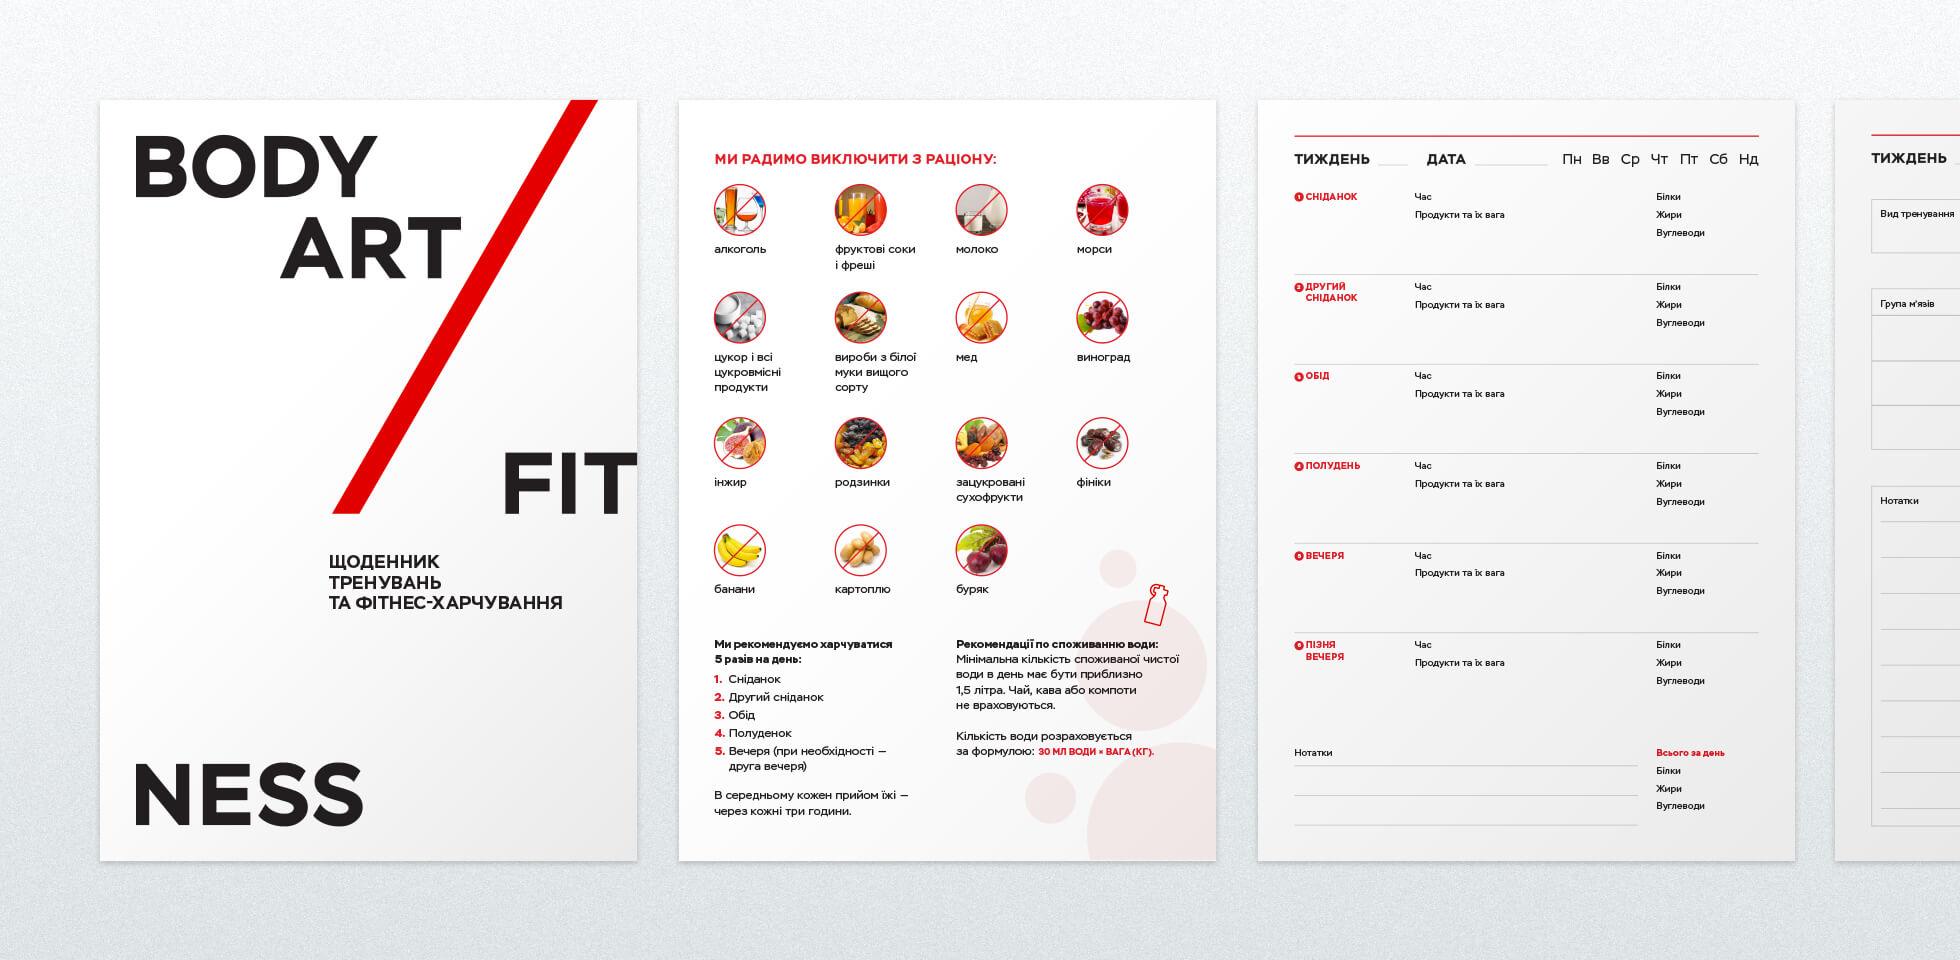 Рекомендації з правильного харчування